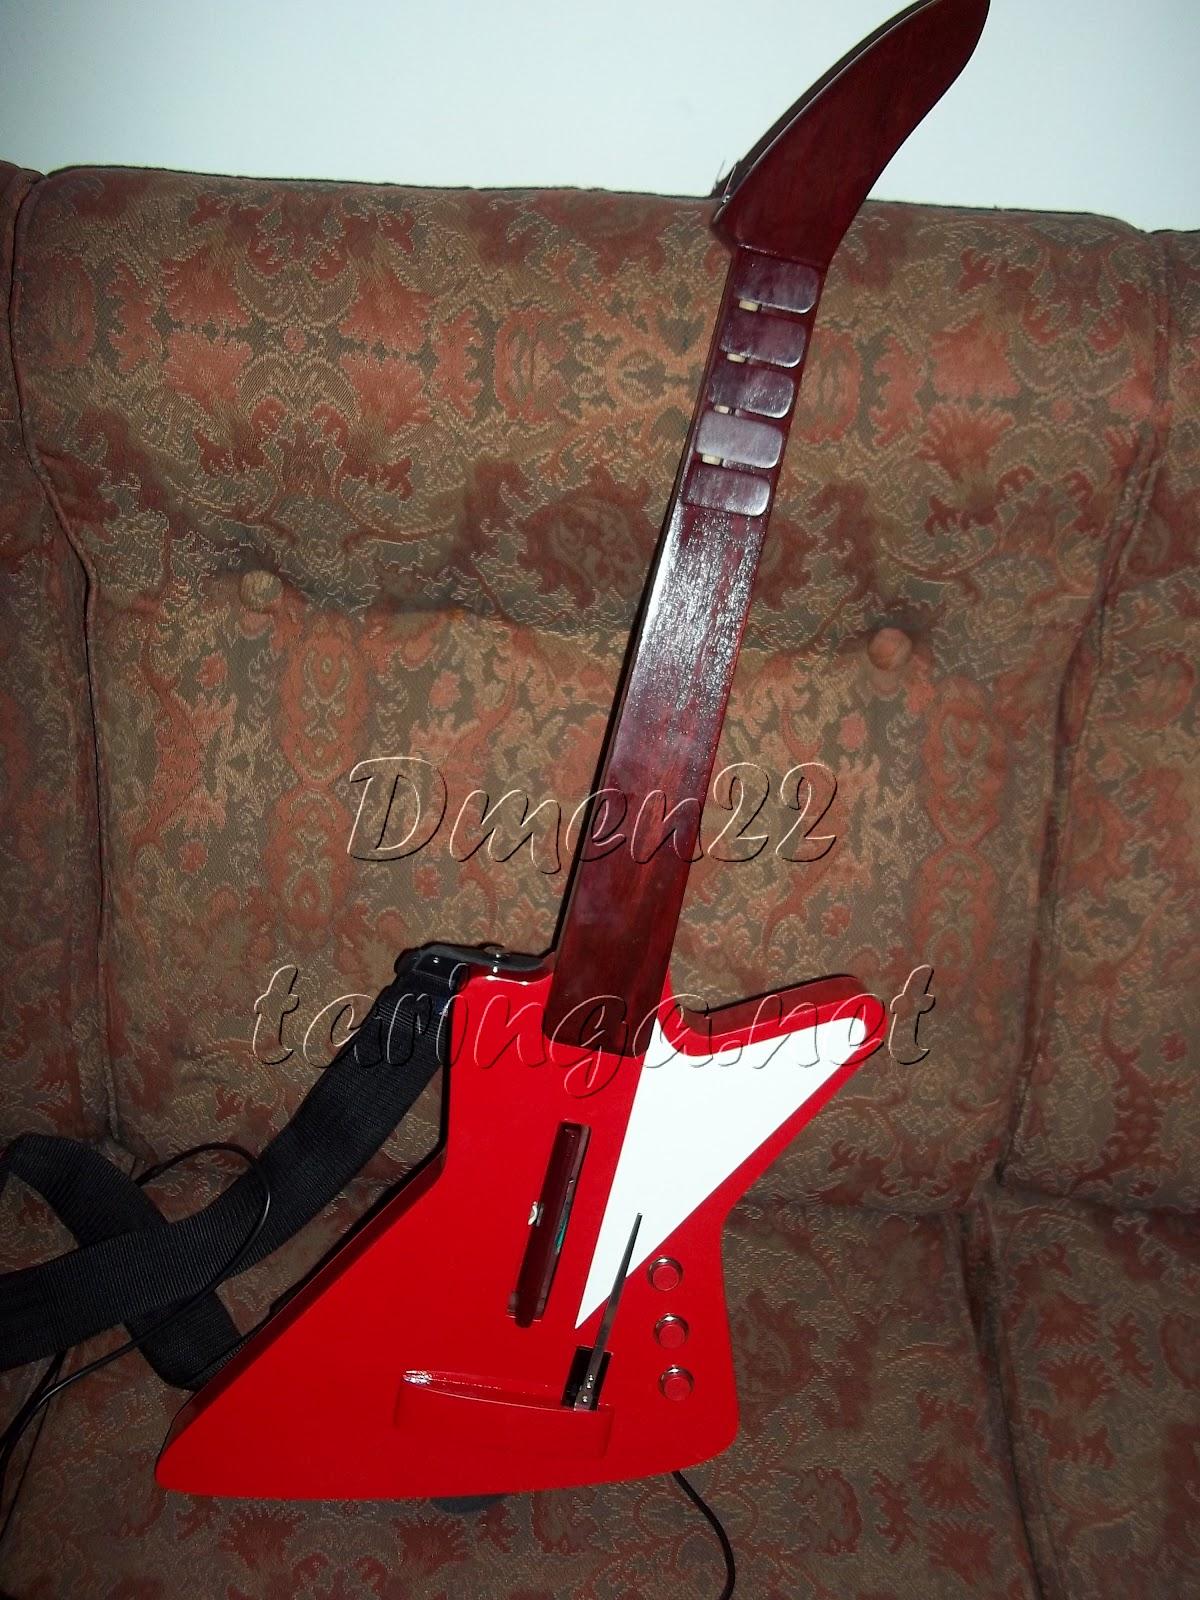 Hice Guitarra para Guitar Hero y Te Lo Muestro!